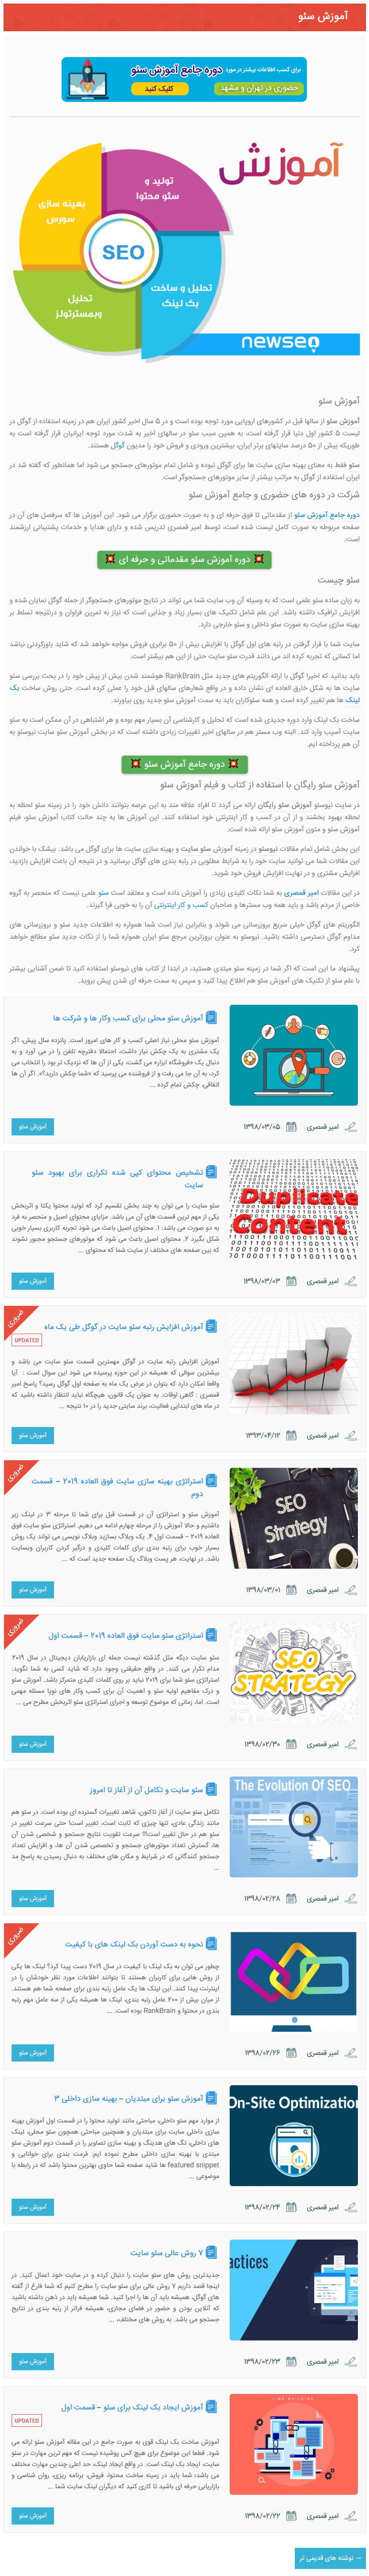 با مثالی محتوای شاخص (cornerstone content) را بیشتر خواهیم شناخت